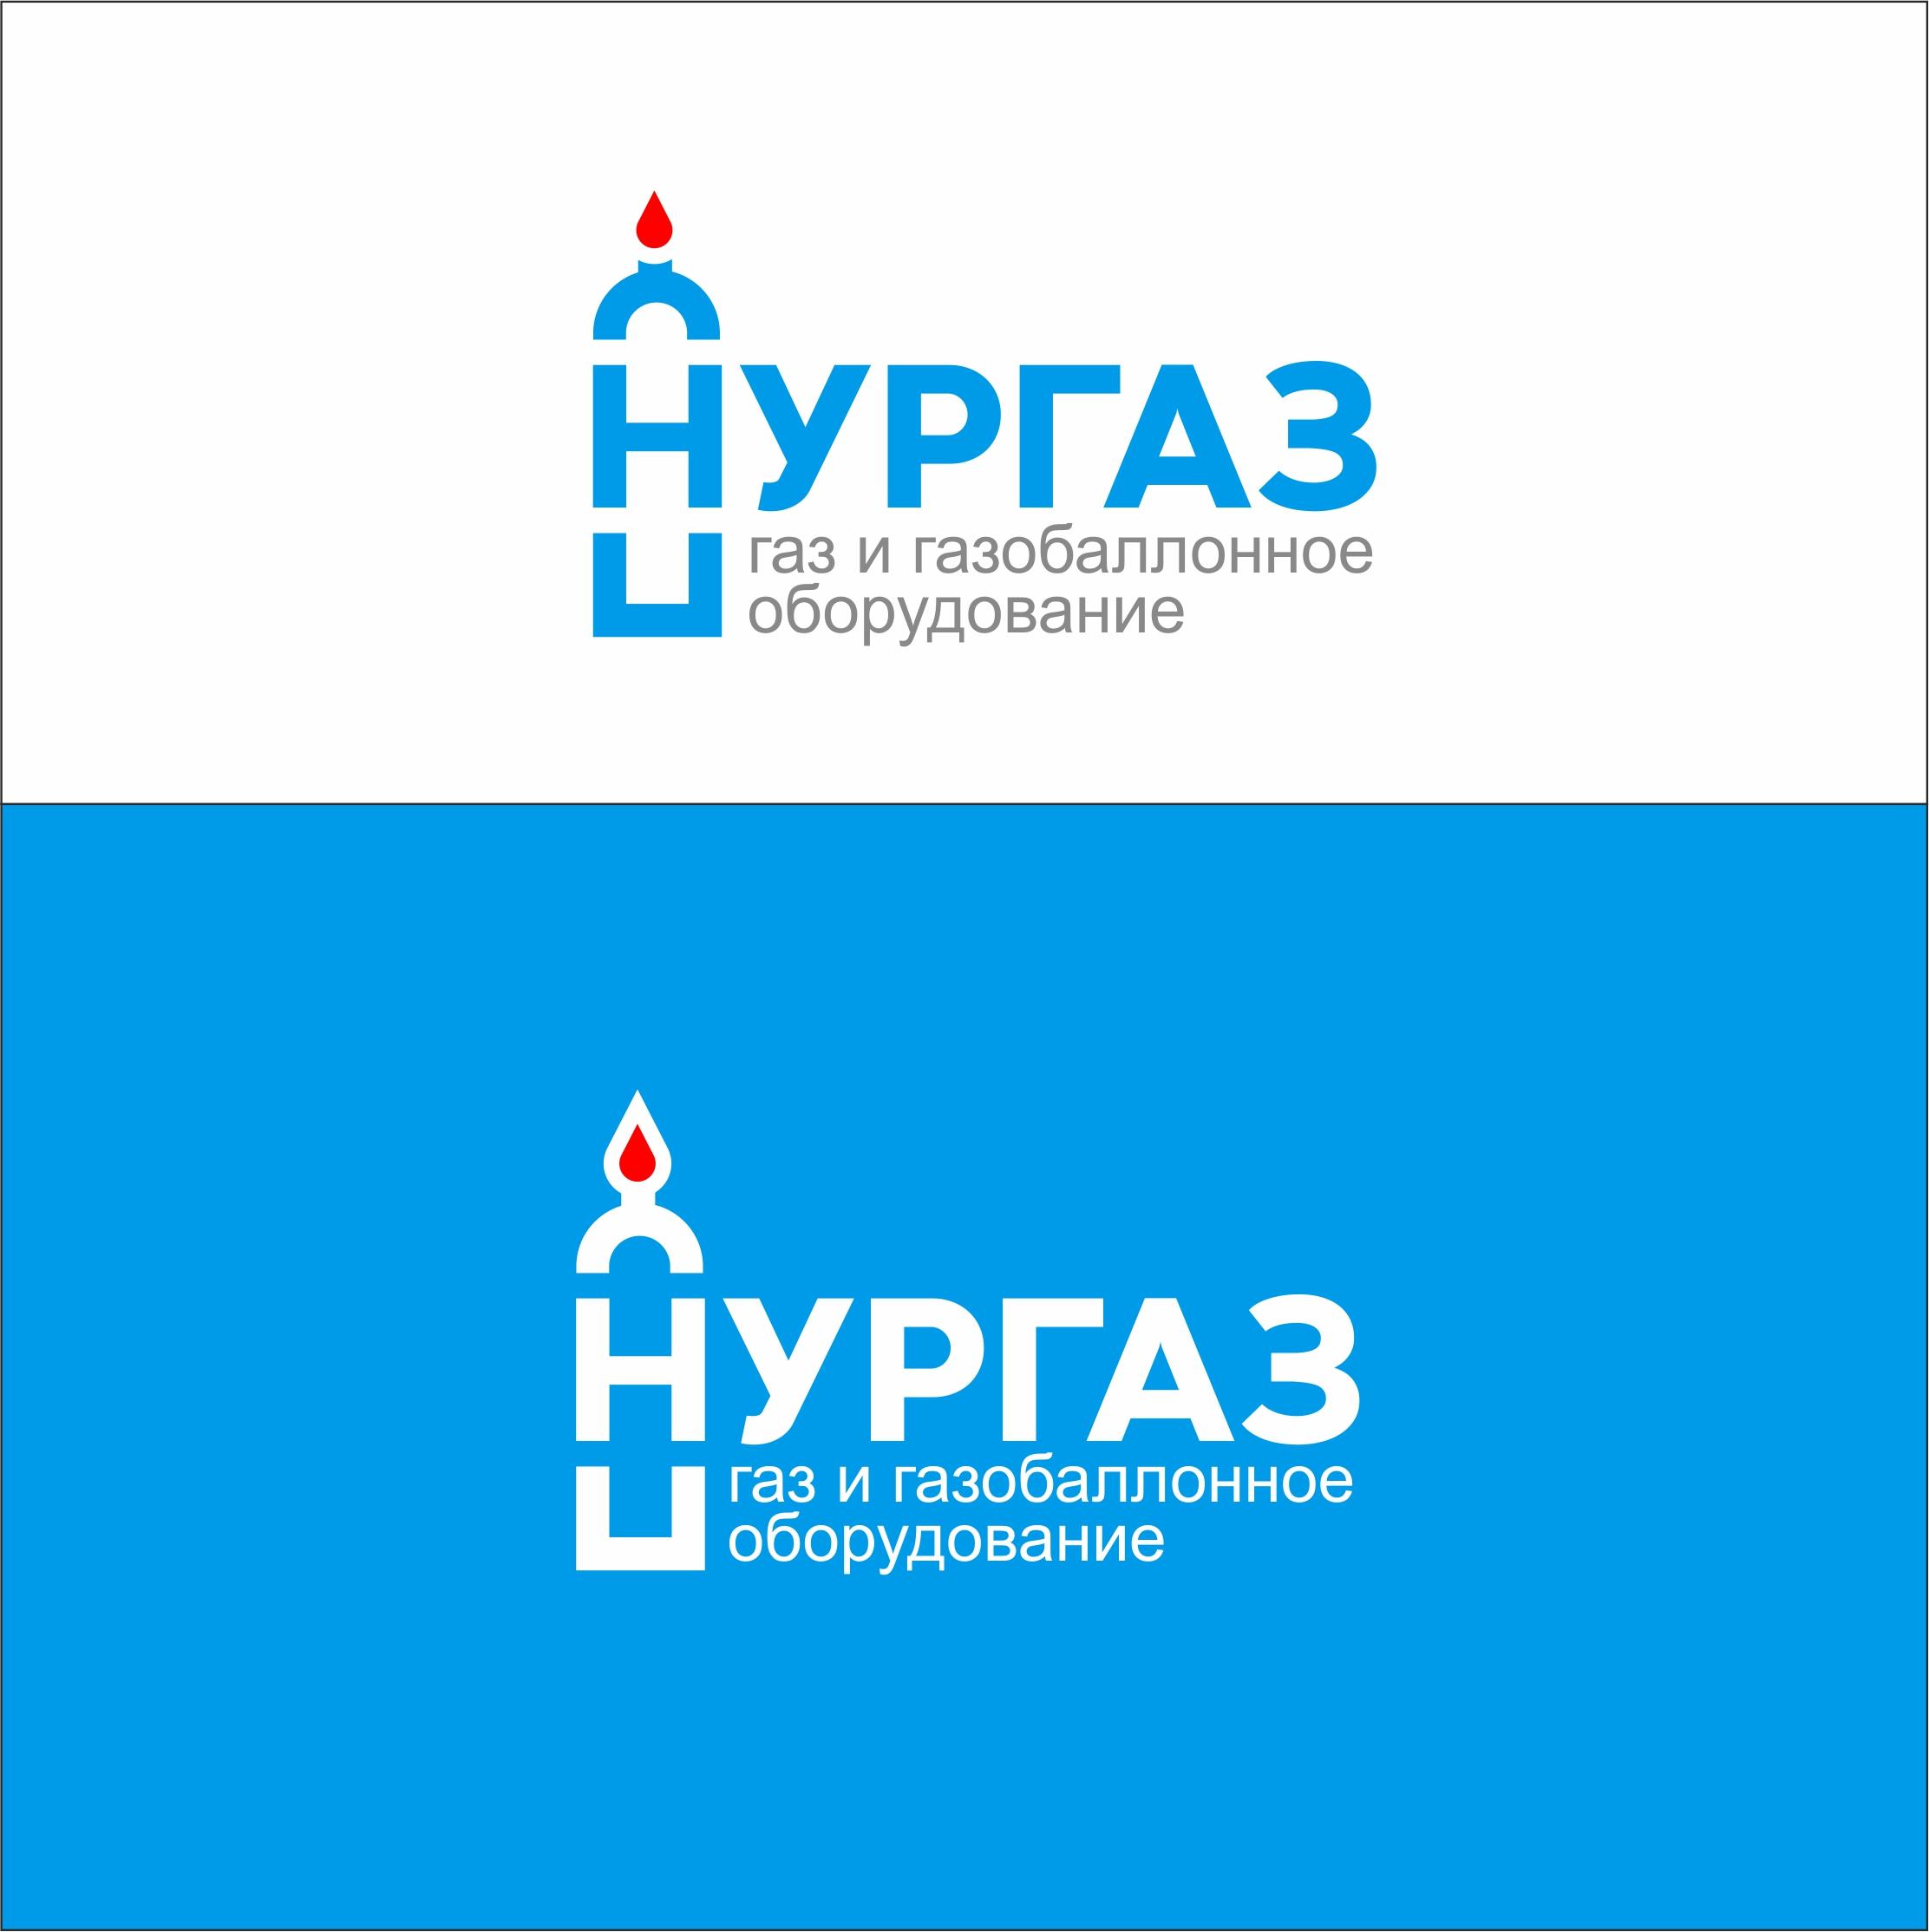 Разработка логотипа и фирменного стиля фото f_1095d9b82c68965b.jpg